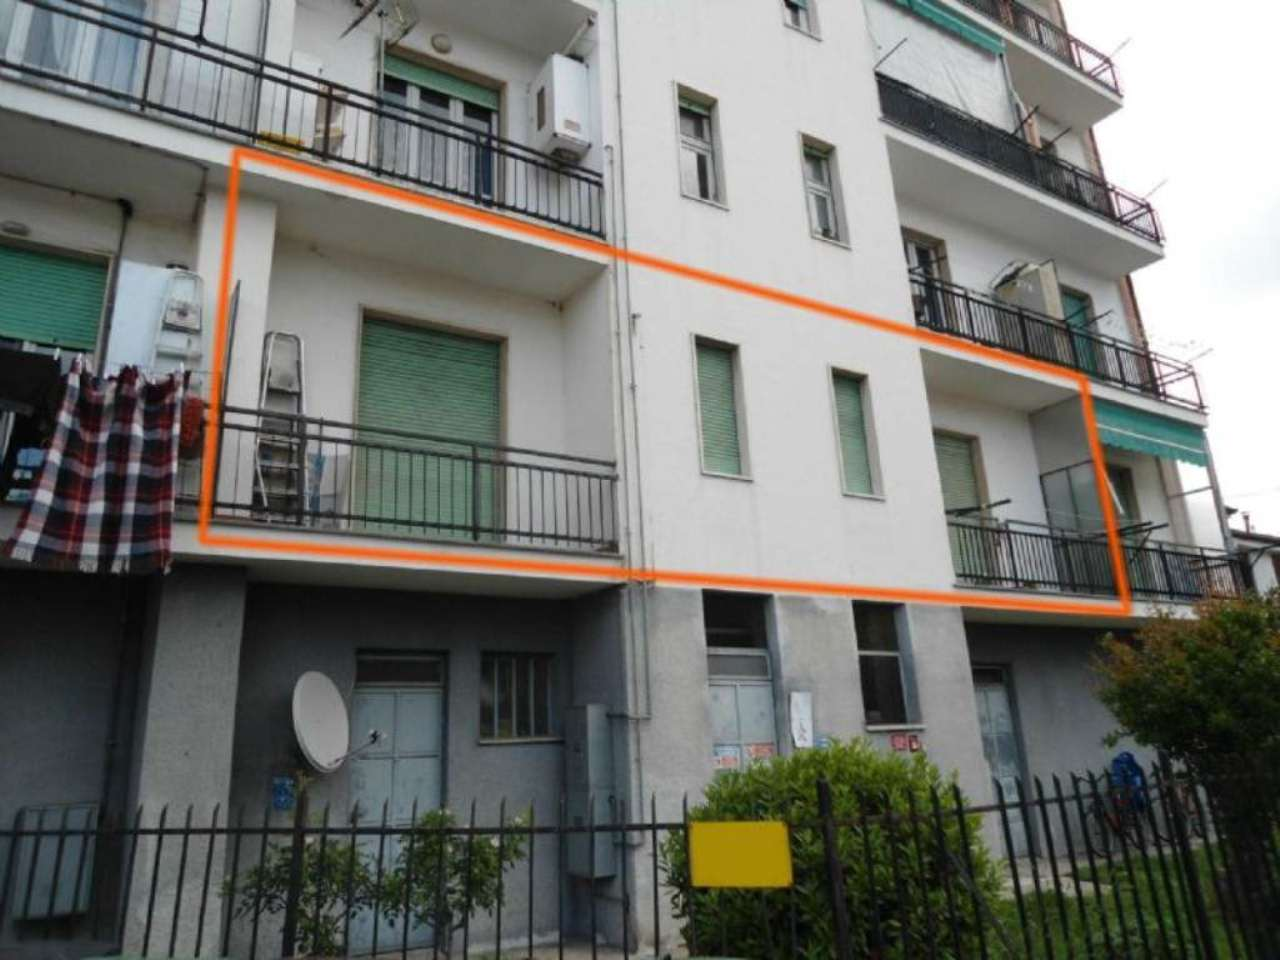 Appartamento in vendita a Villanova d'Asti, 2 locali, prezzo € 47.000 | Cambio Casa.it